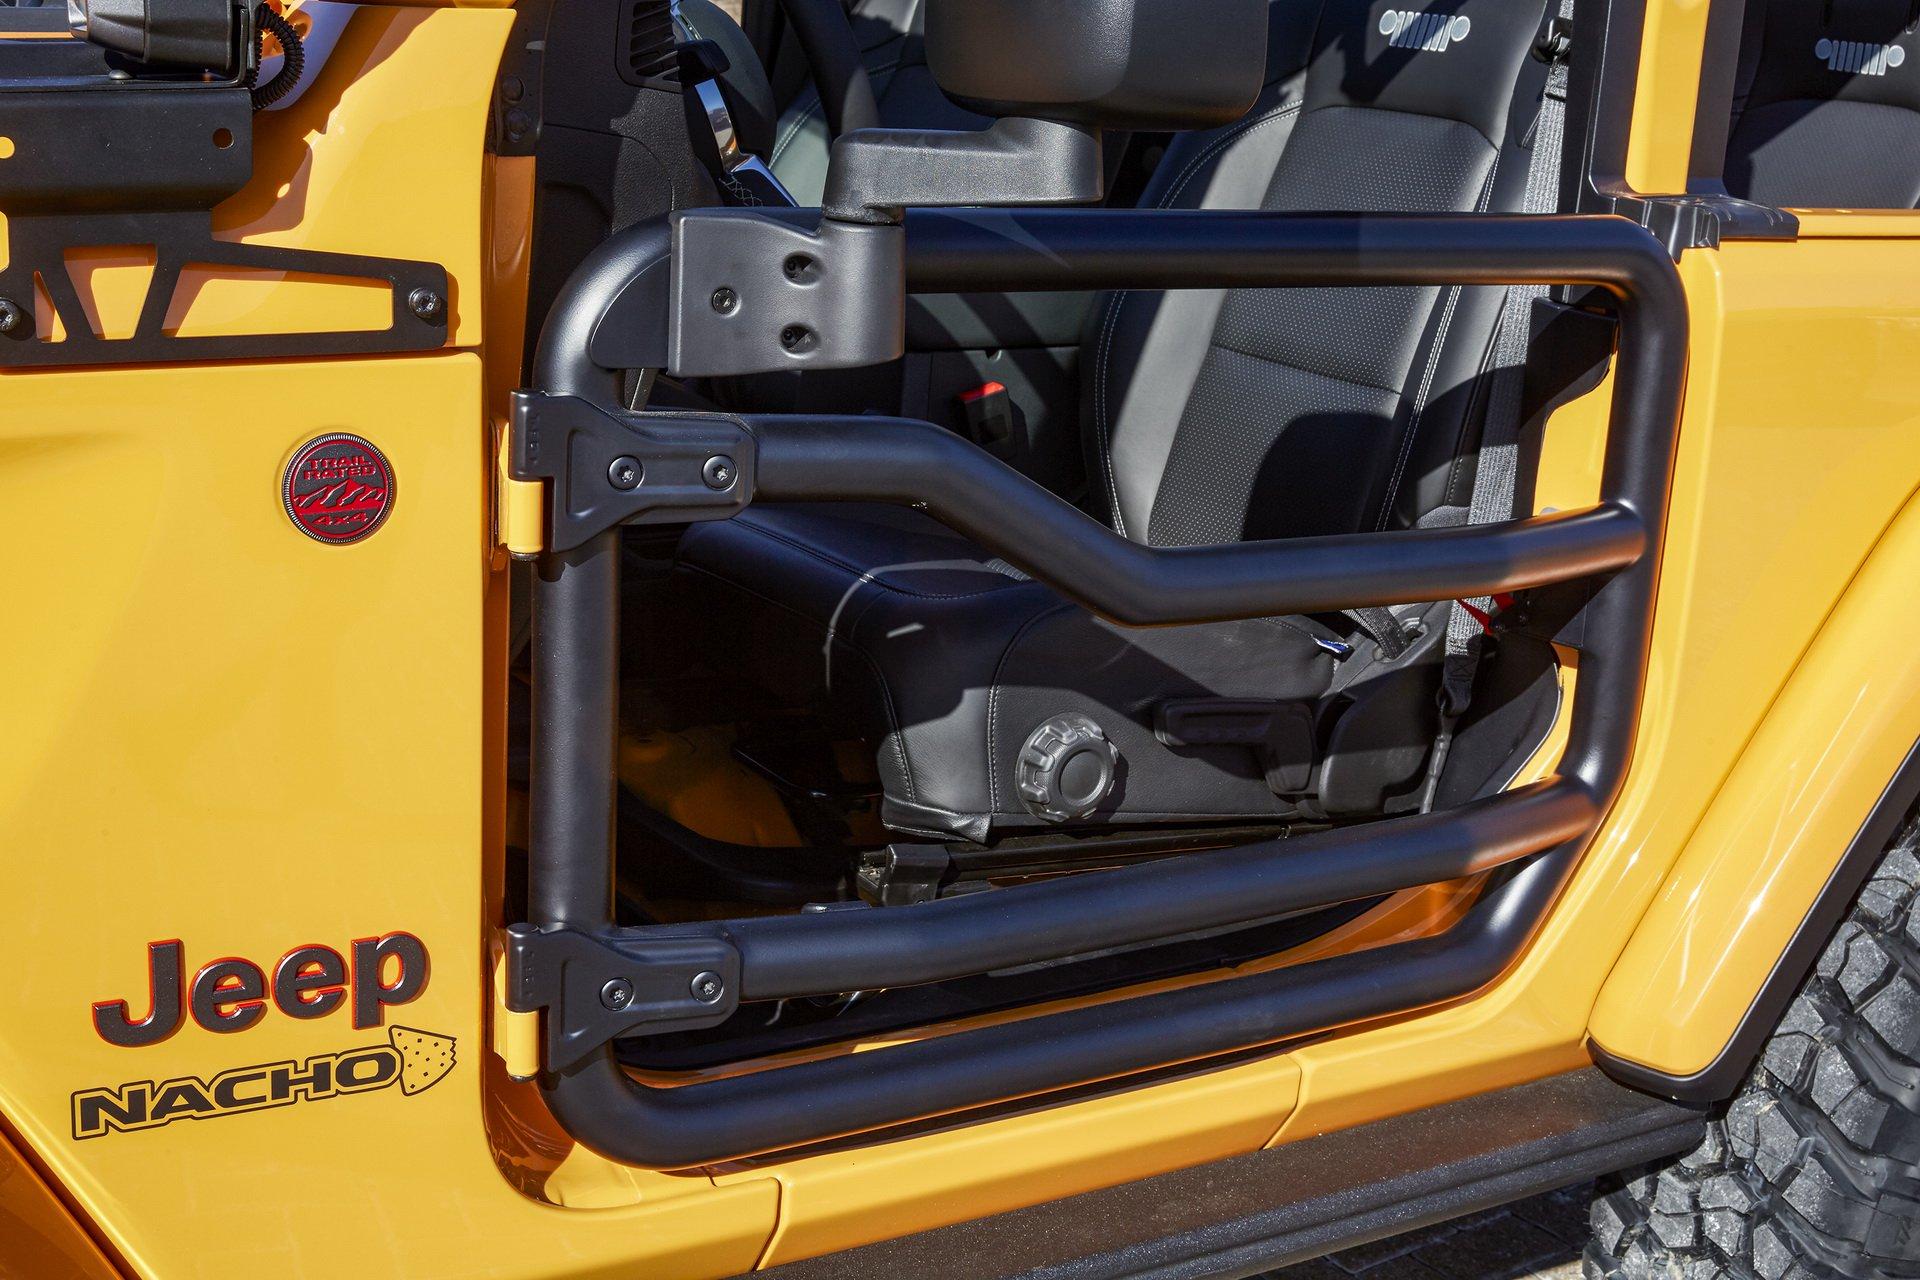 Nacho Jeep Concept Chicago 2019 (5)